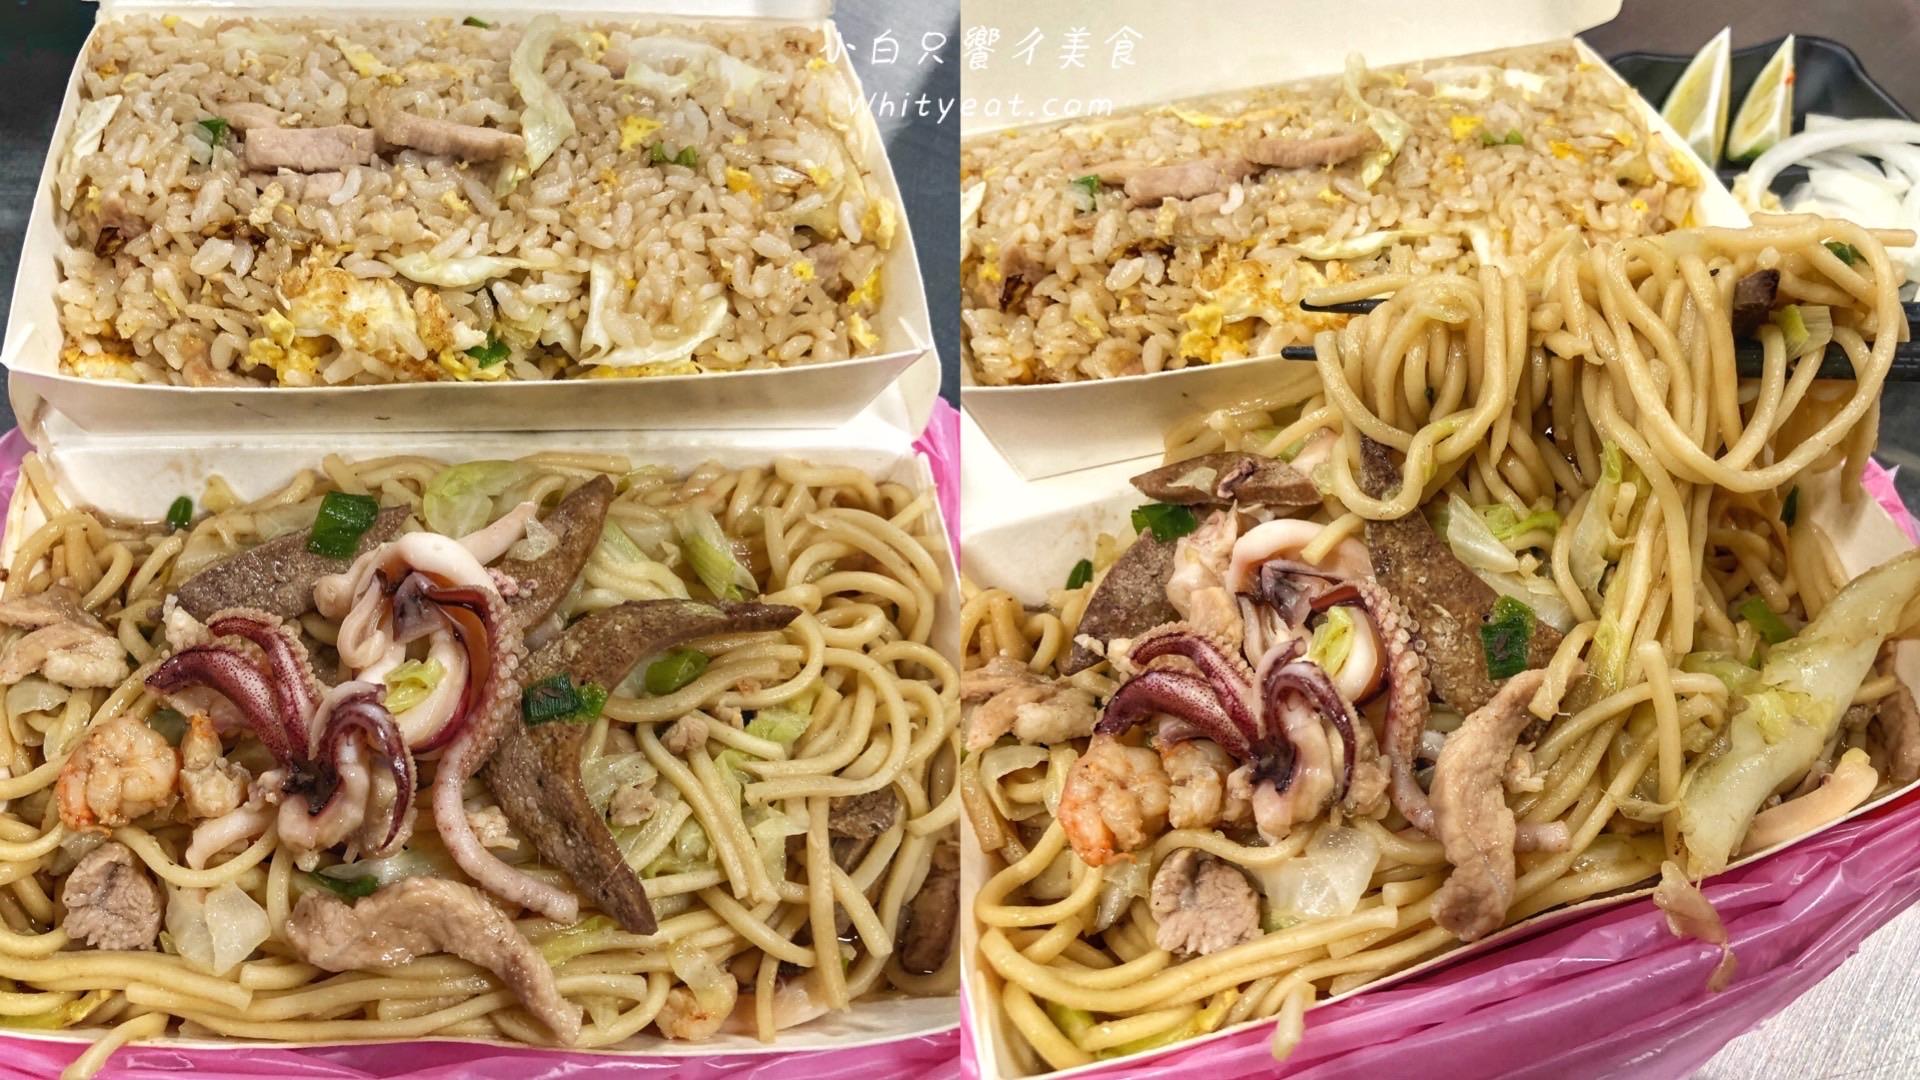 【台南東區美食】 阿桂炒飯炒麵 富農街最好吃炒飯就是這家!什錦炒麵料多到爆出來!cp值超高在地老店